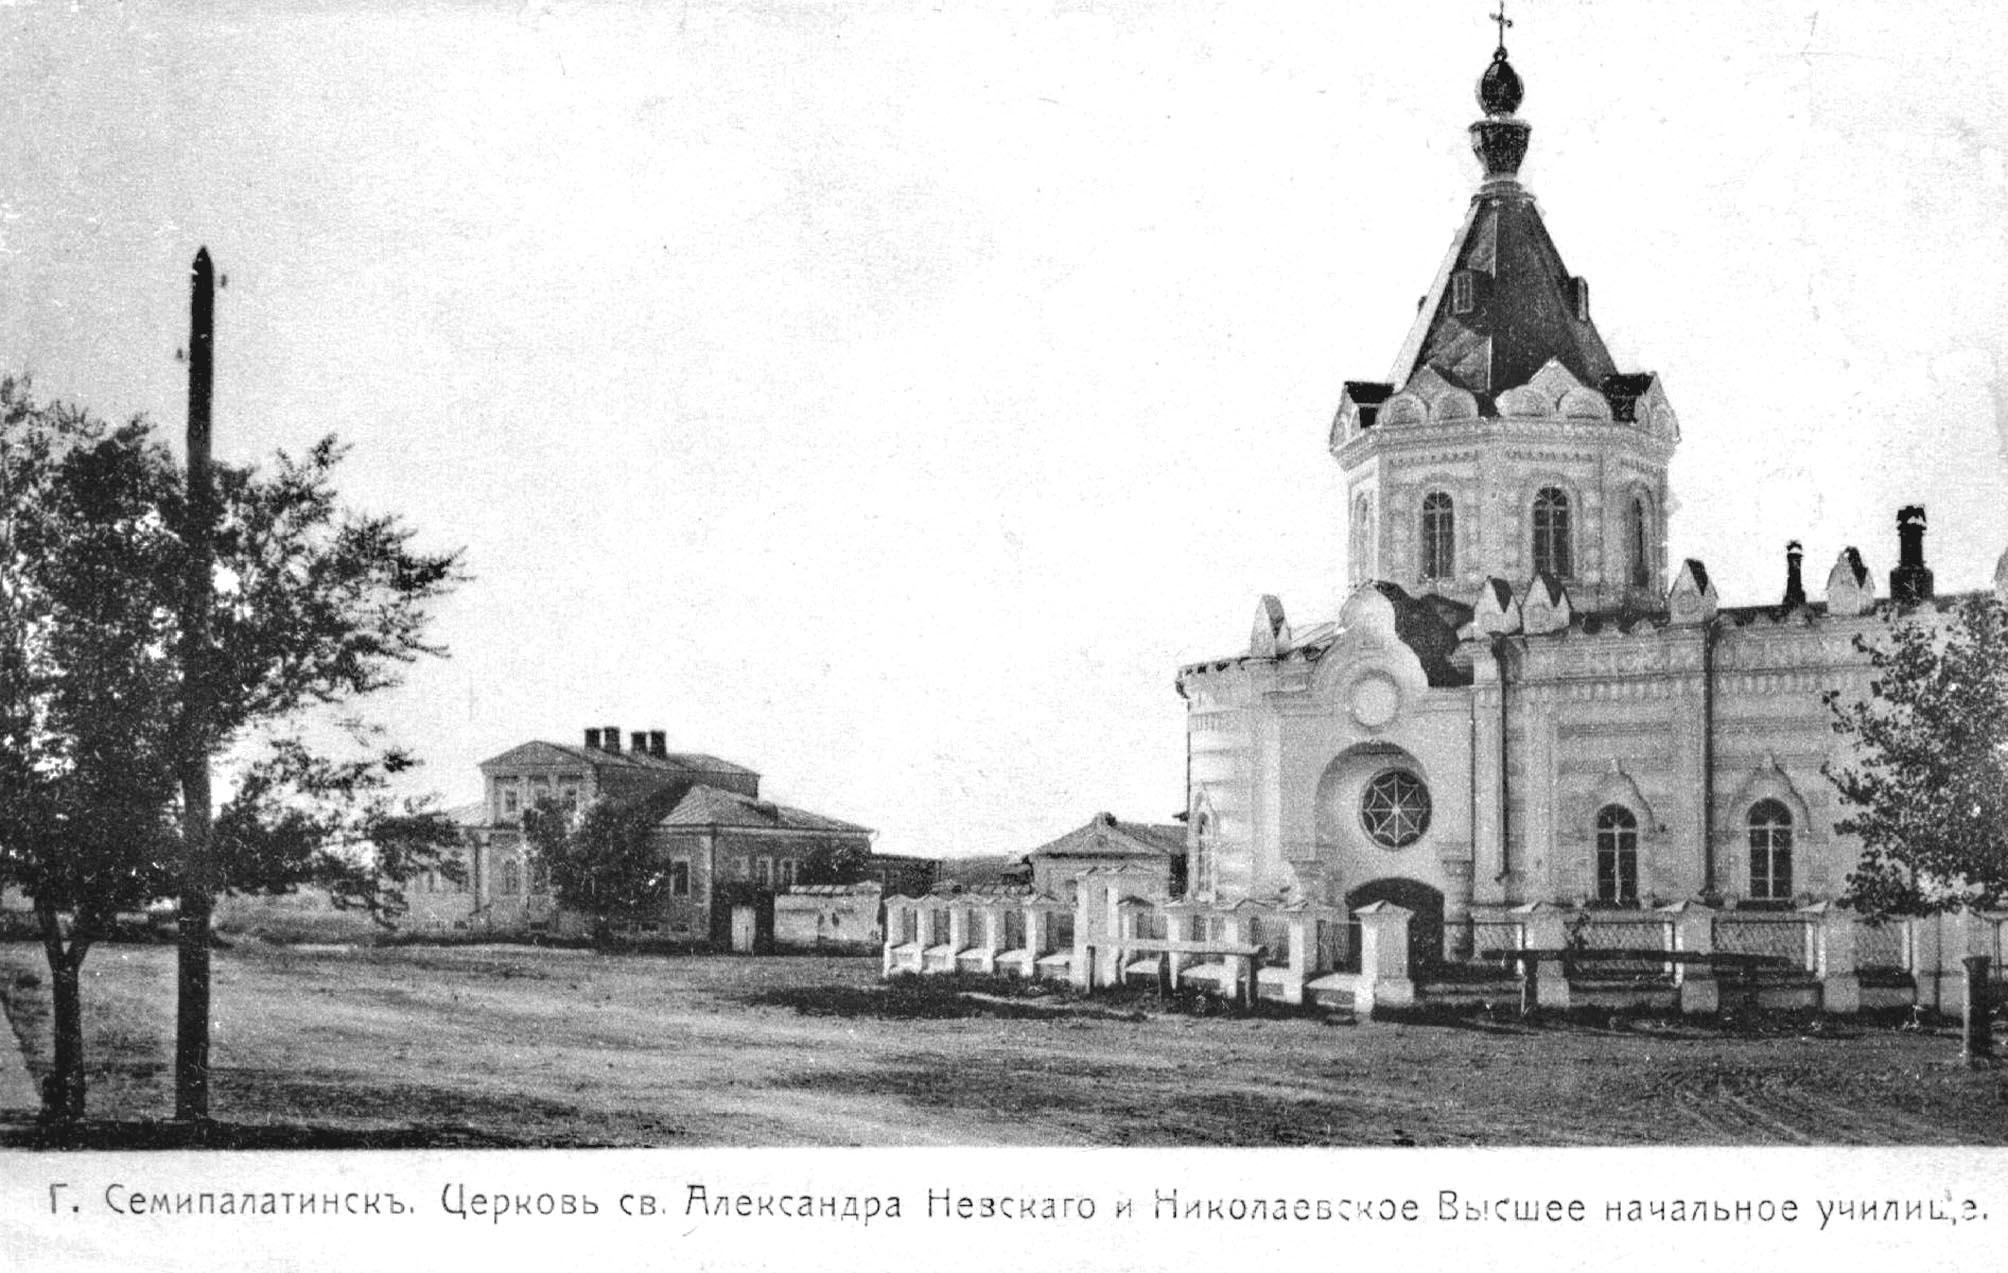 Церковь св.Александра Невского и Николаевское Высшее начальное училище